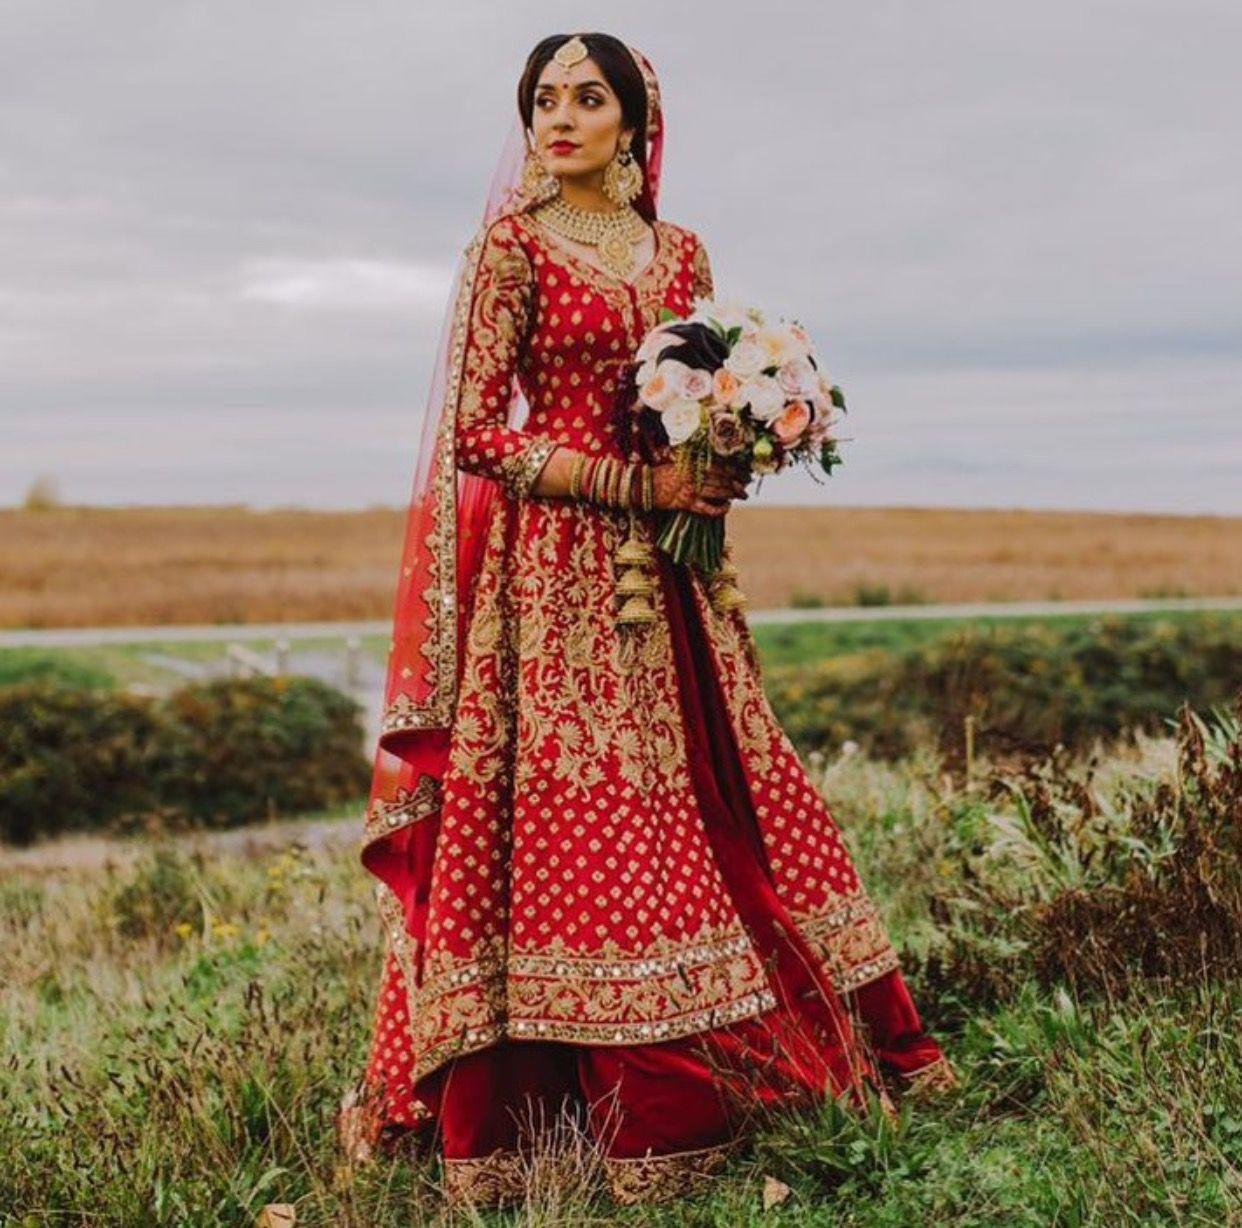 Pin By Neetu Gagan Gauba On Mehndi: Pin By Gagan Bajwa On Indian Fashion